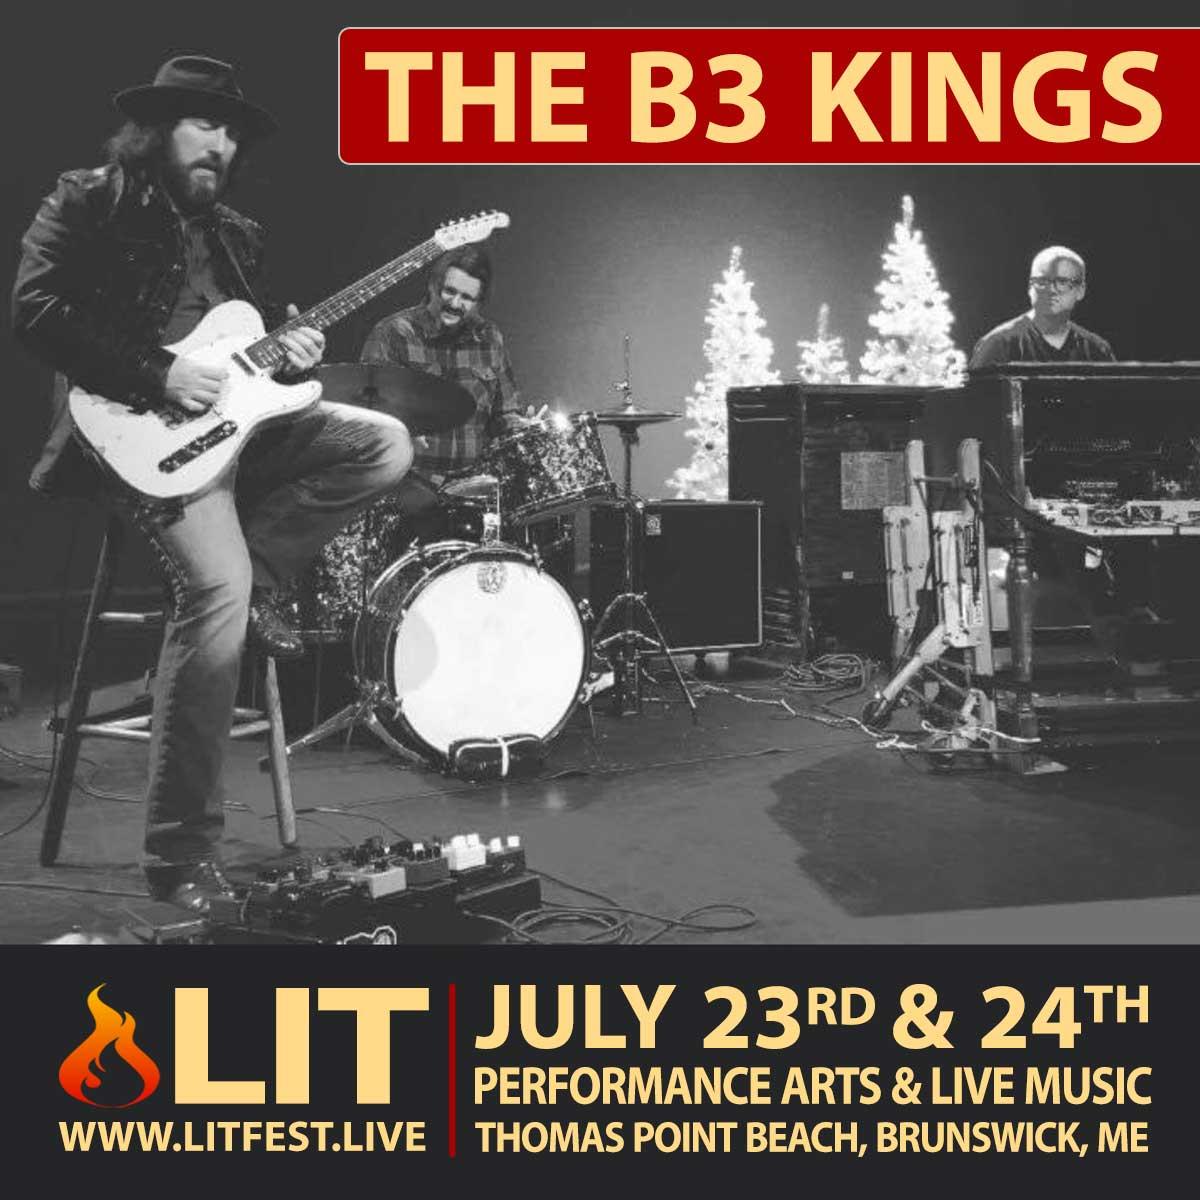 The B3 Kings